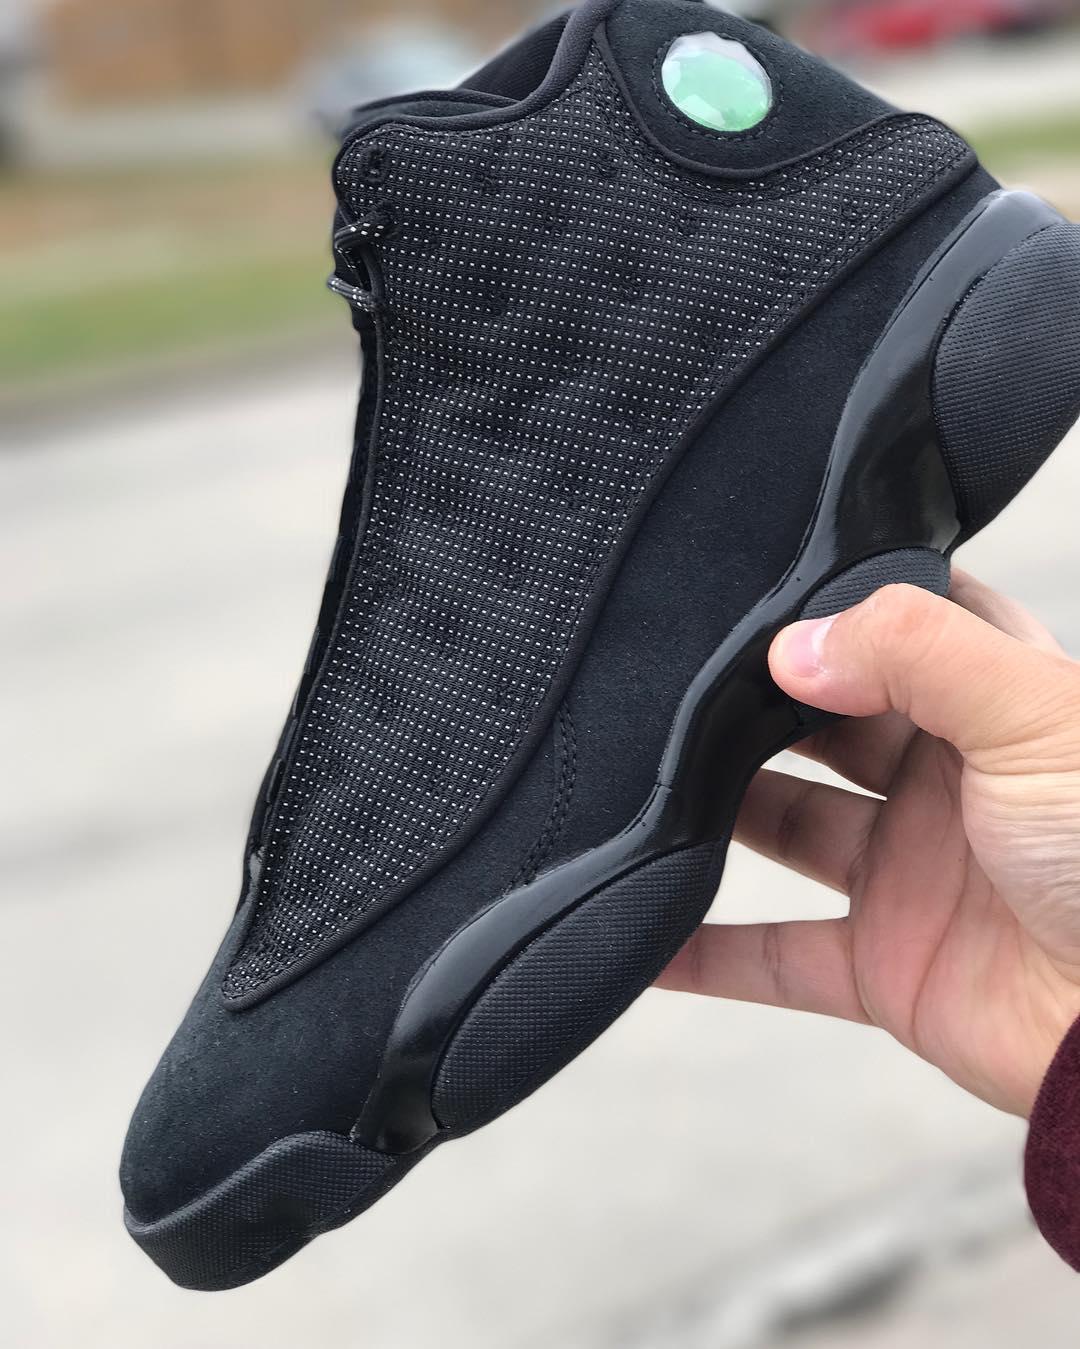 Air Jordan 13 Black Cat Release Date Side 414571-011